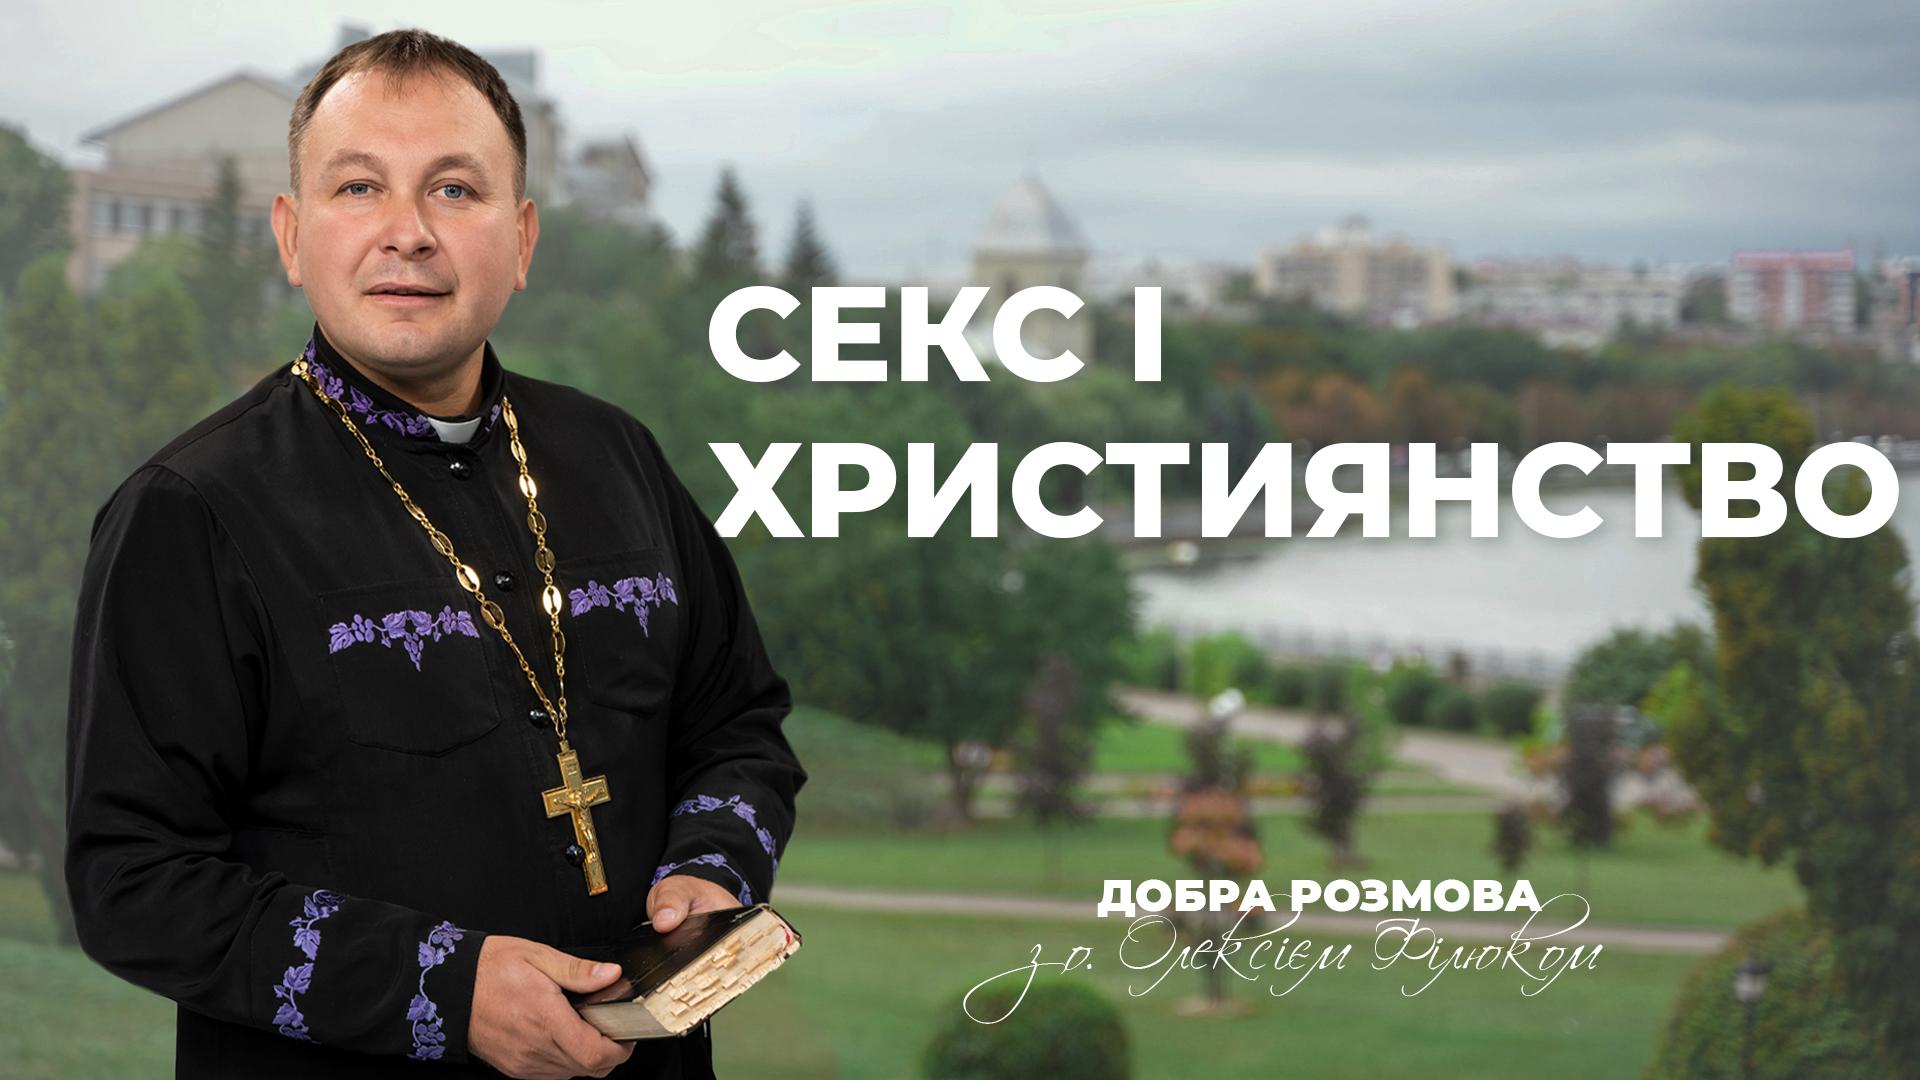 «Добра розмова» з отцем Олексієм Філюком — Секс і християнство | #7